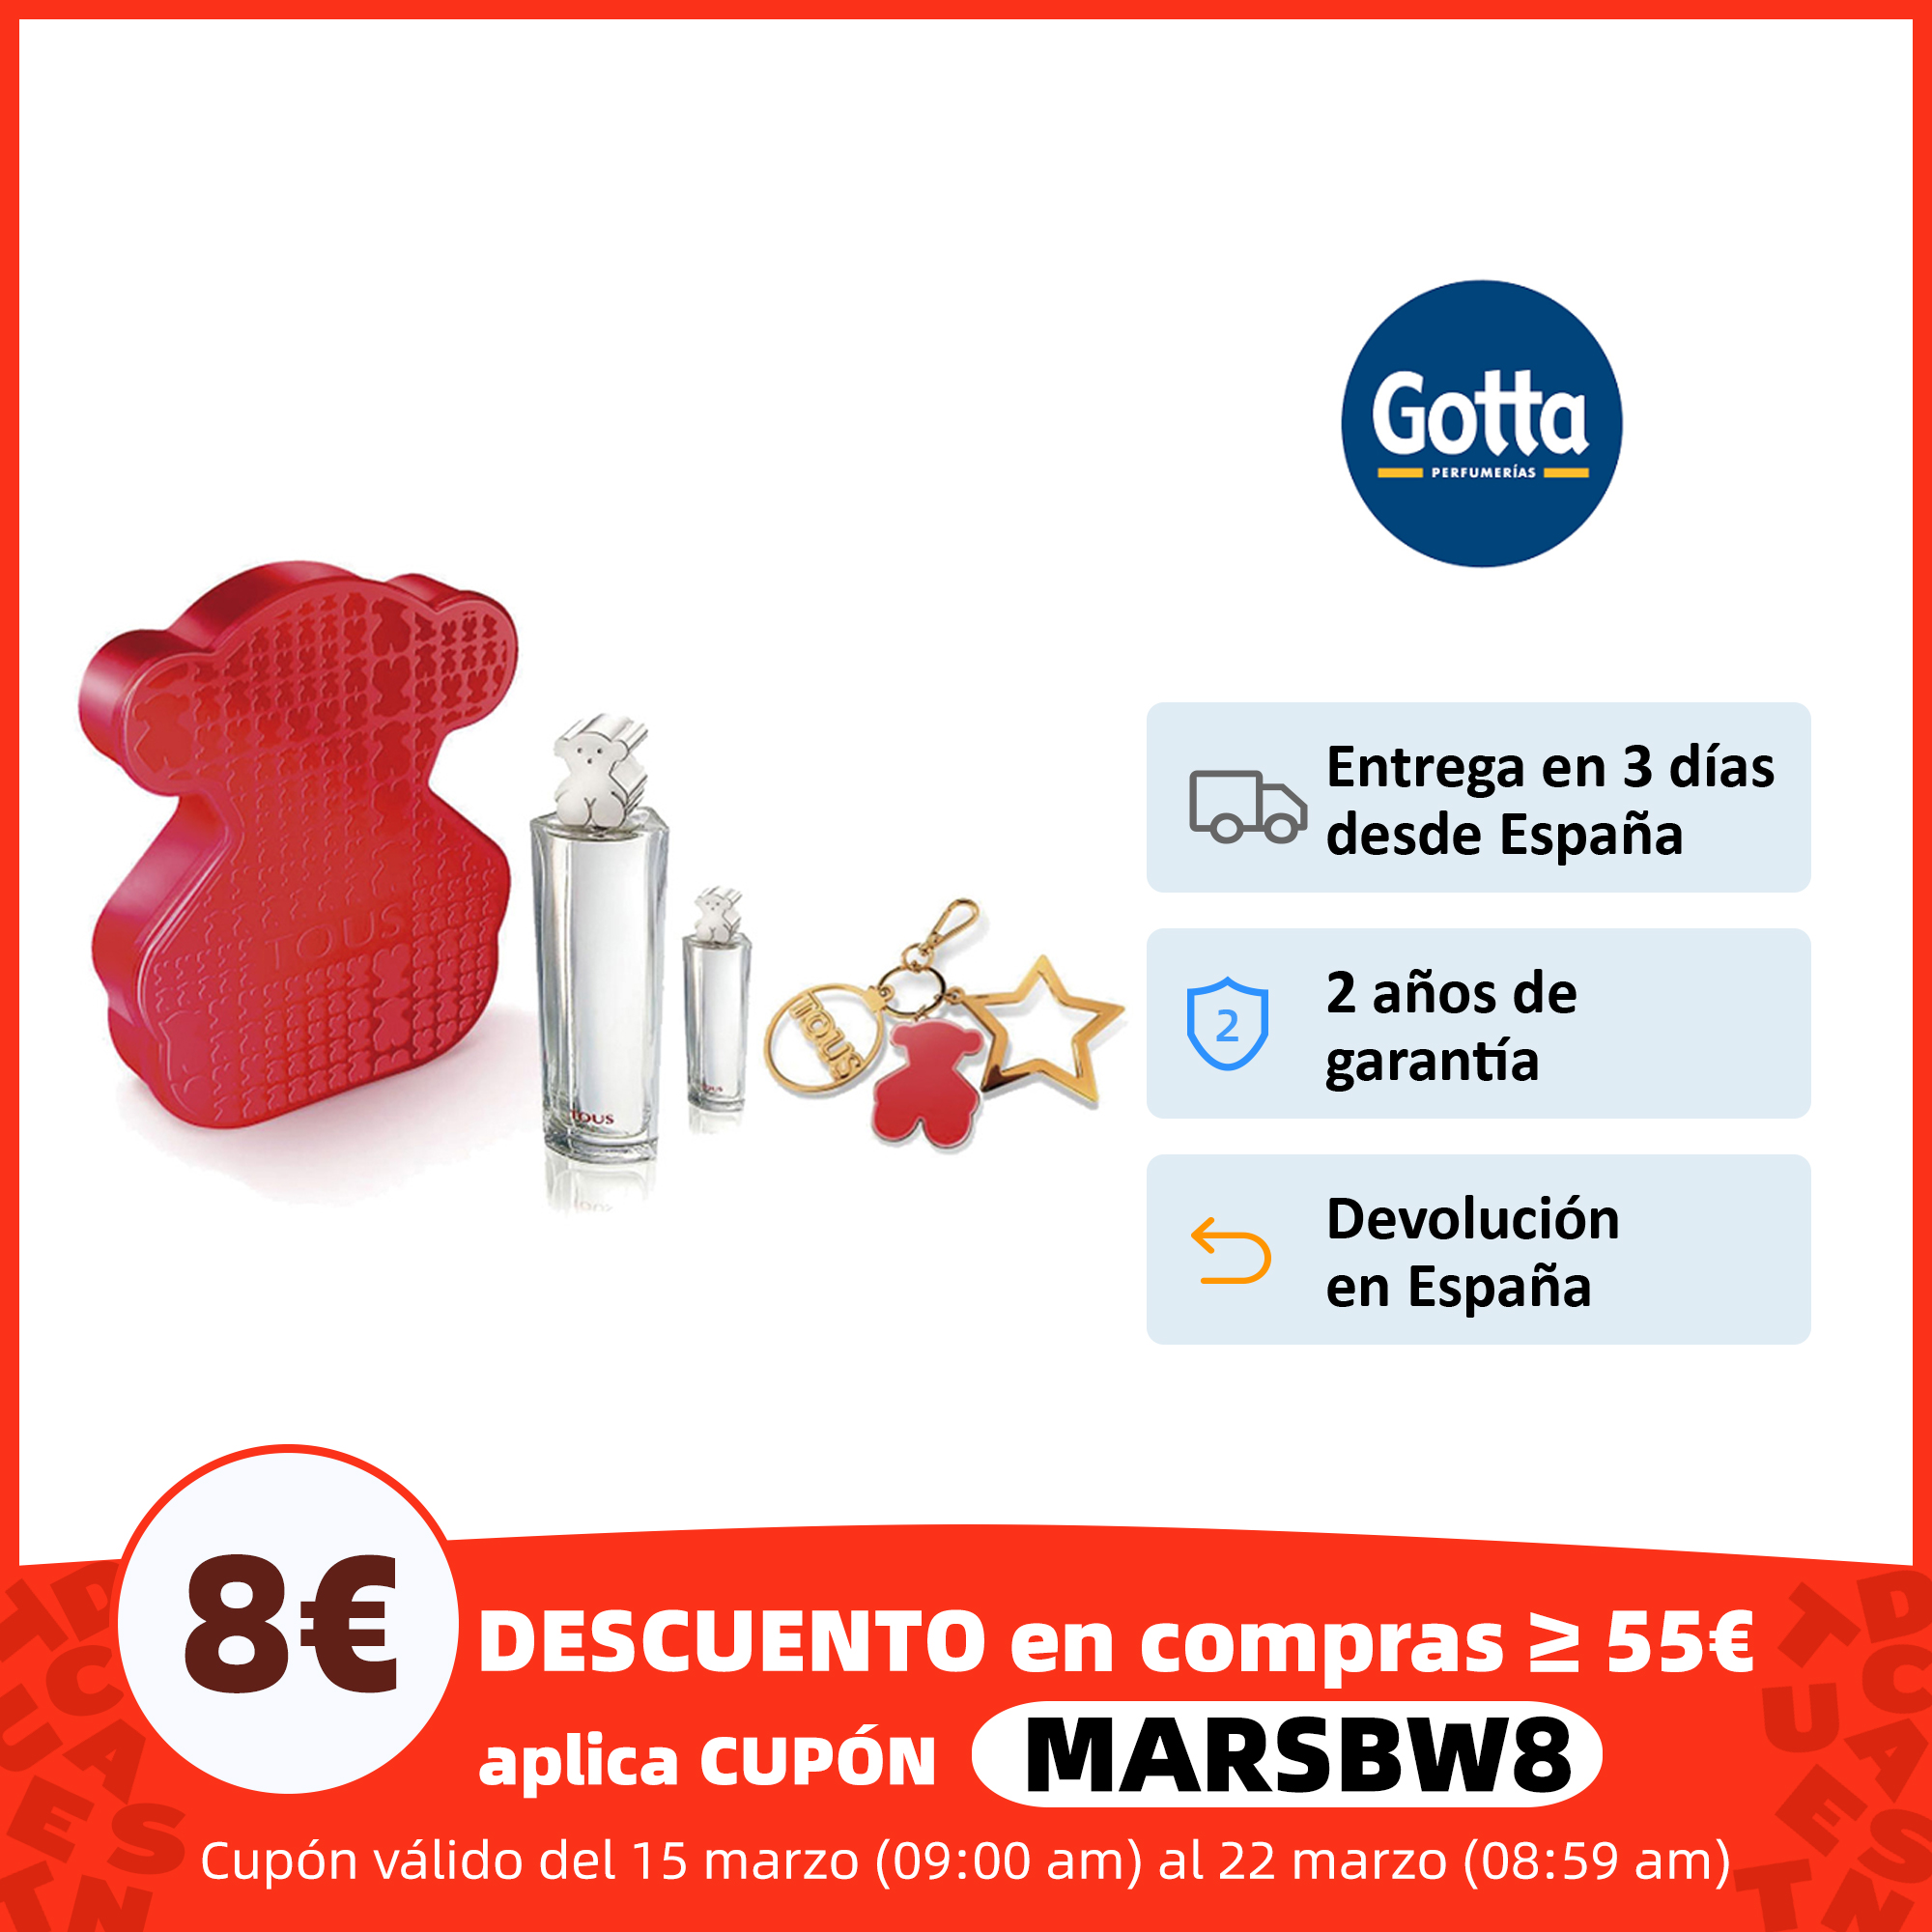 Estuche Bolso Tous eau the toilette Perfumes mujer kit tous marca Tous fragancias y desodorantes    - AliExpress